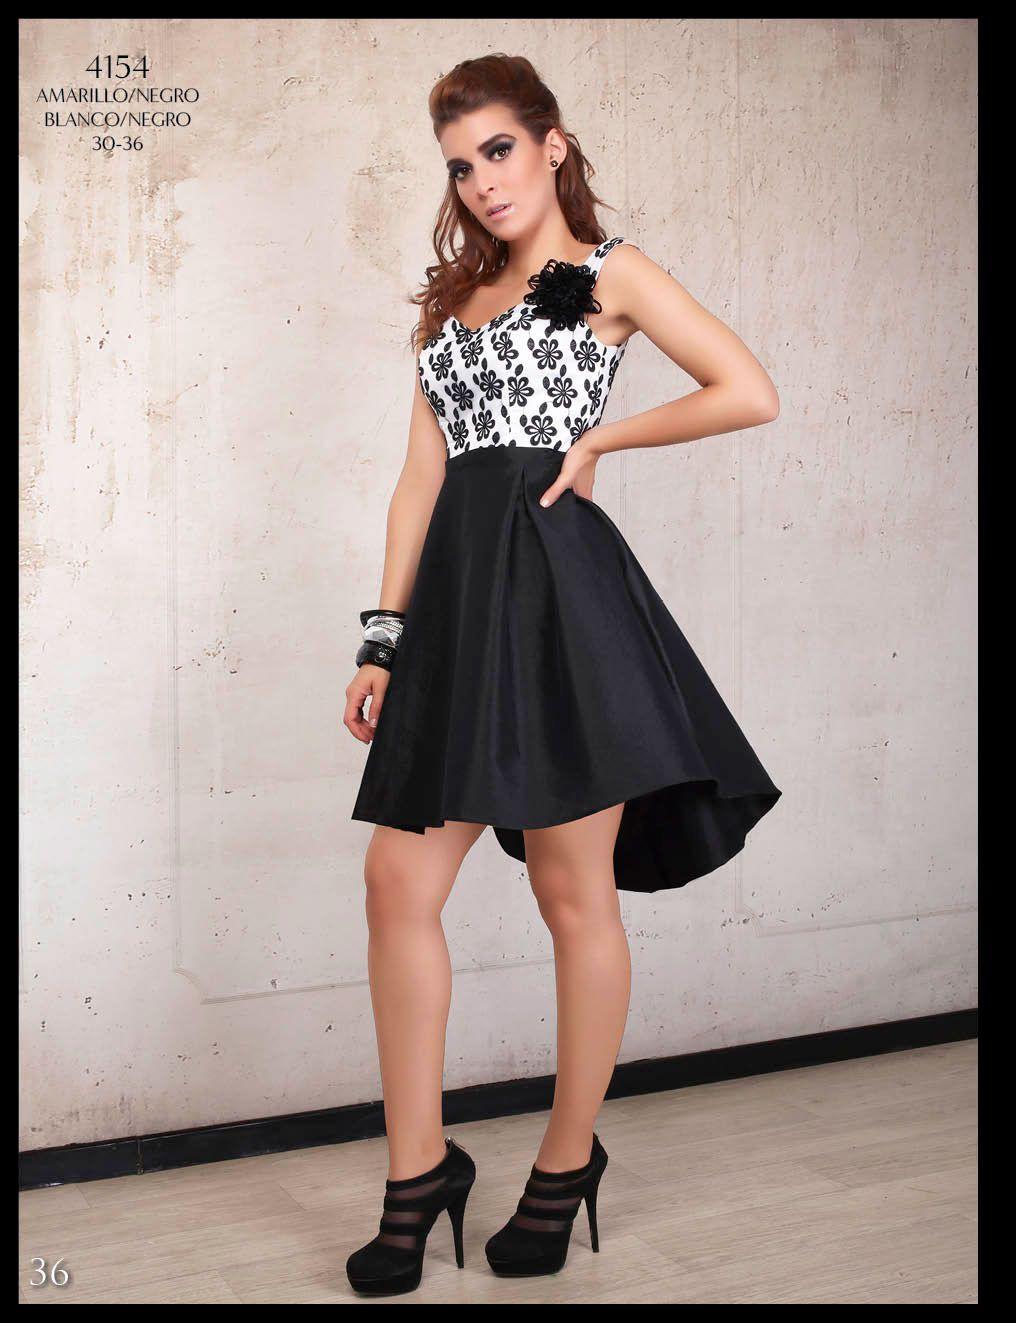 3c7c958c6 vestido dama cola de pato negro y blanco